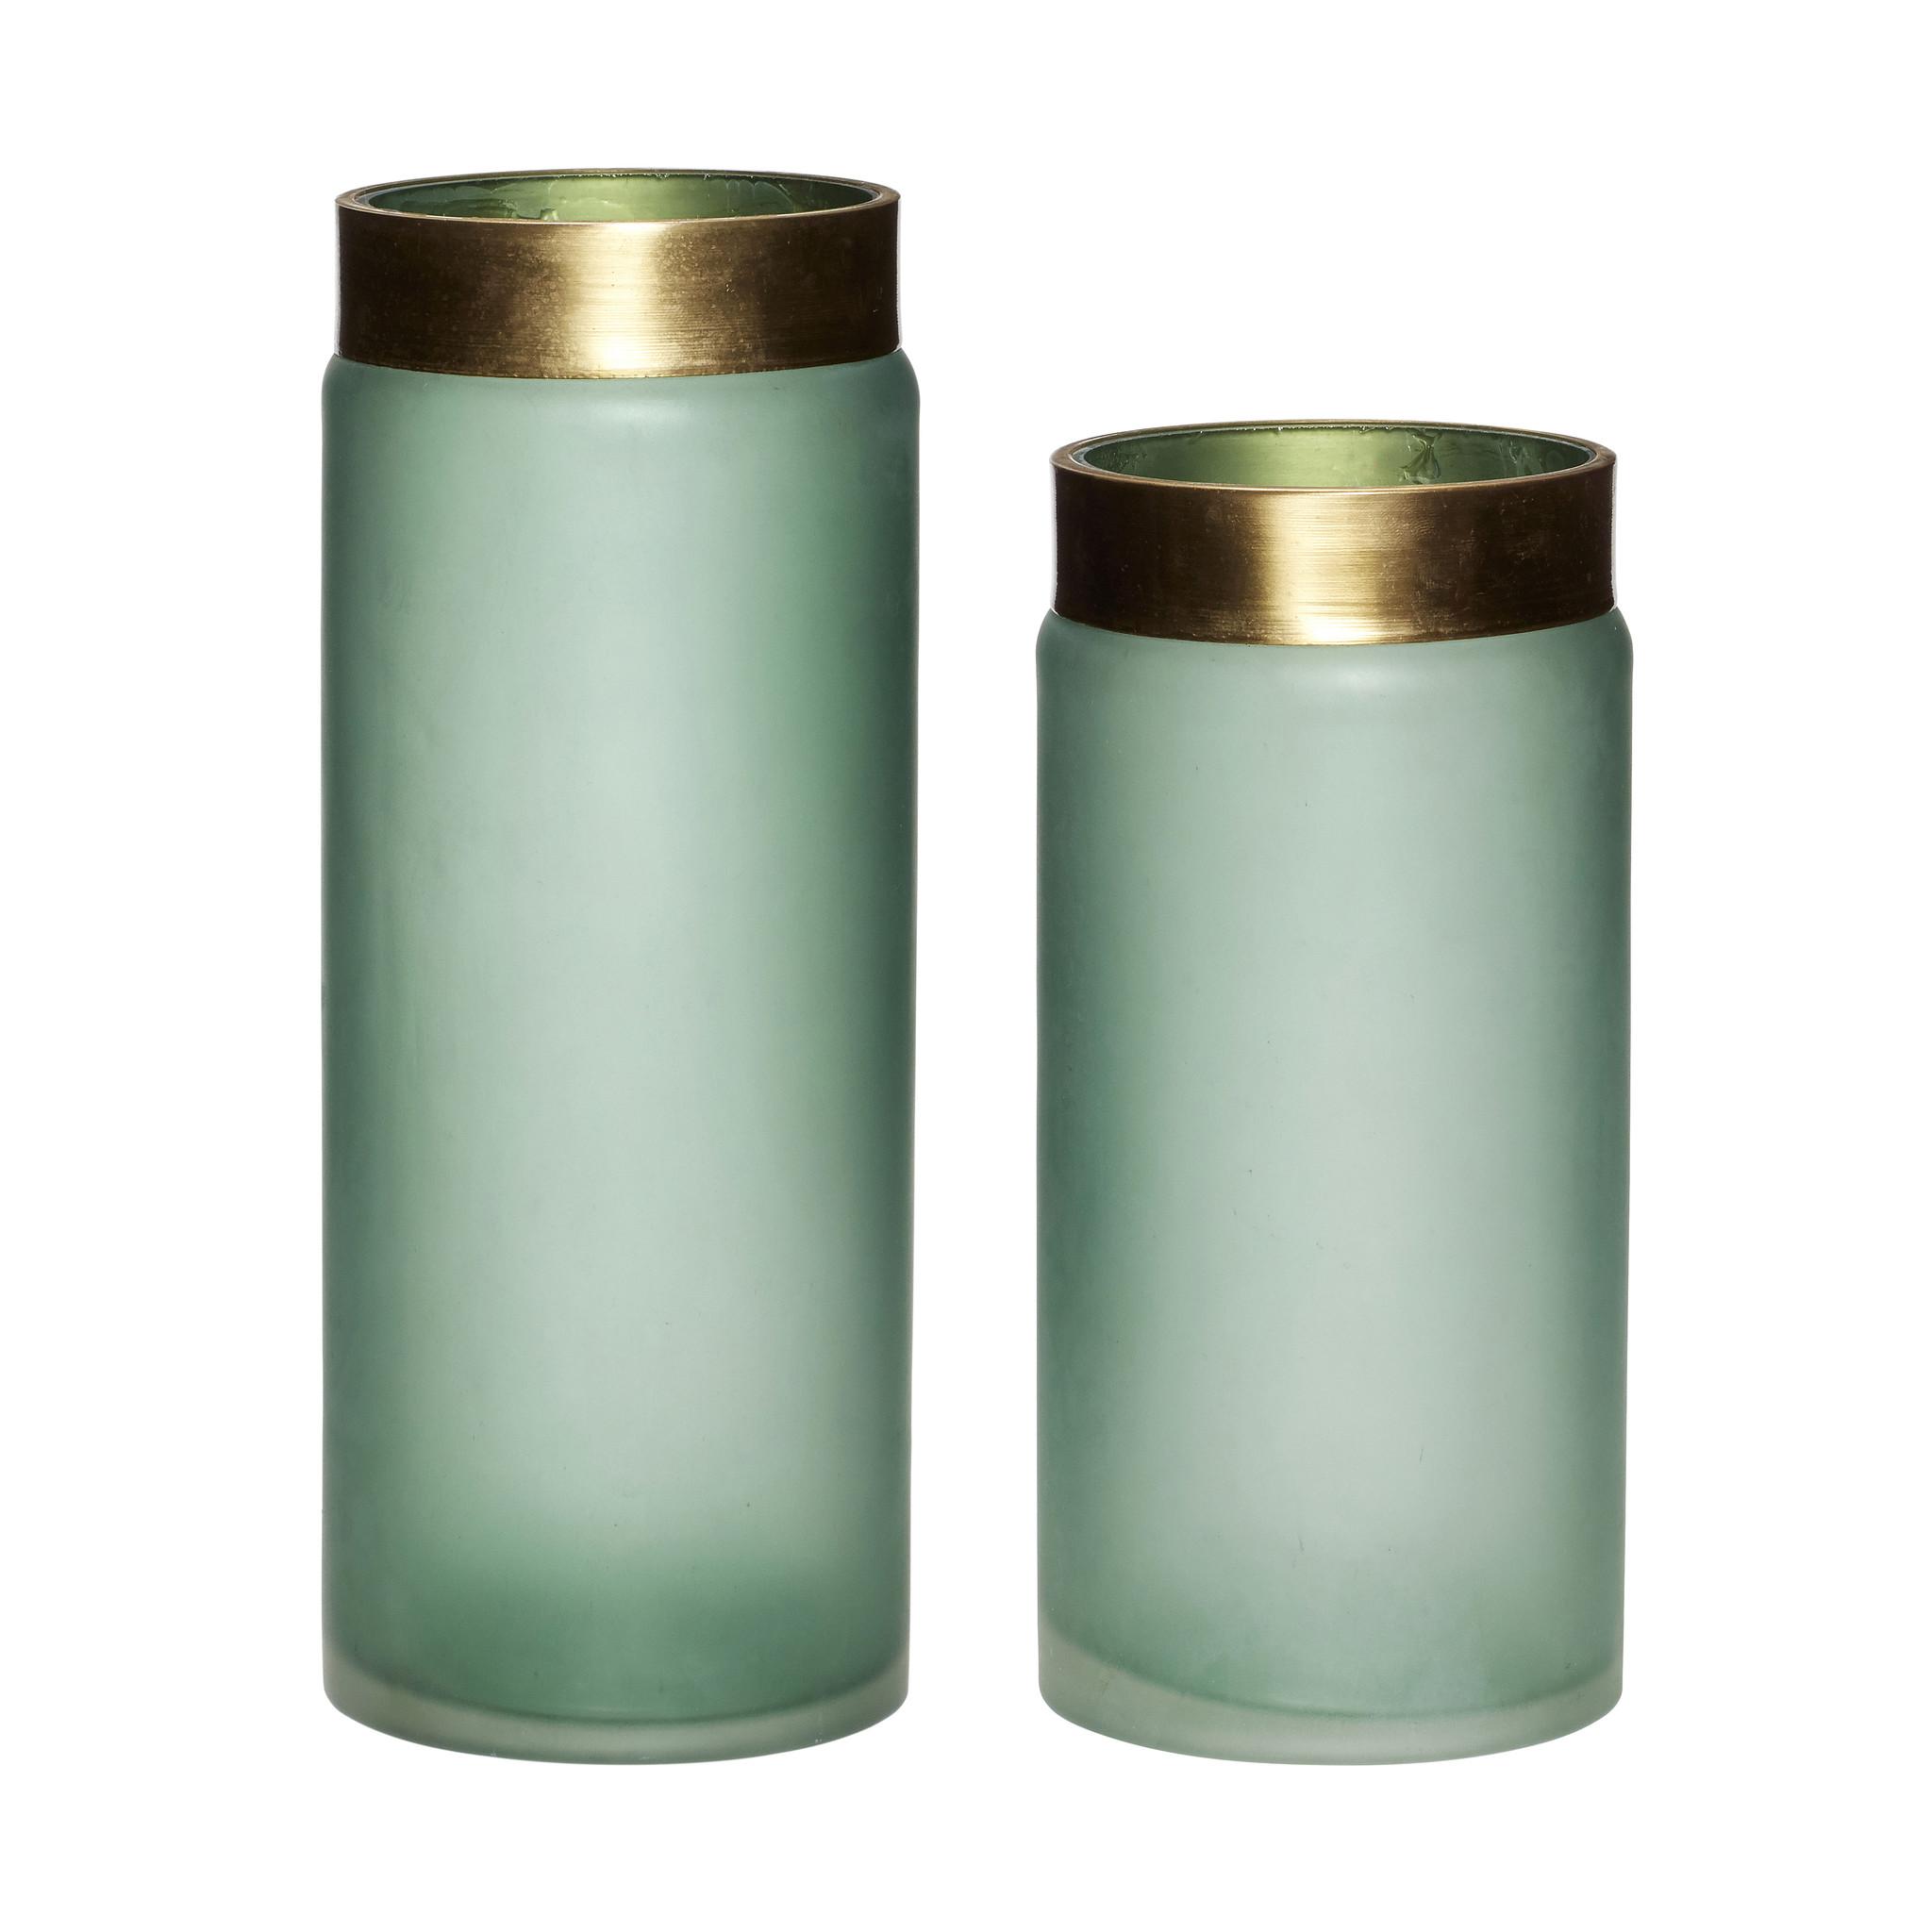 Hubsch Vaas, glas, groen / goud, set van 2-280610-5712772064658